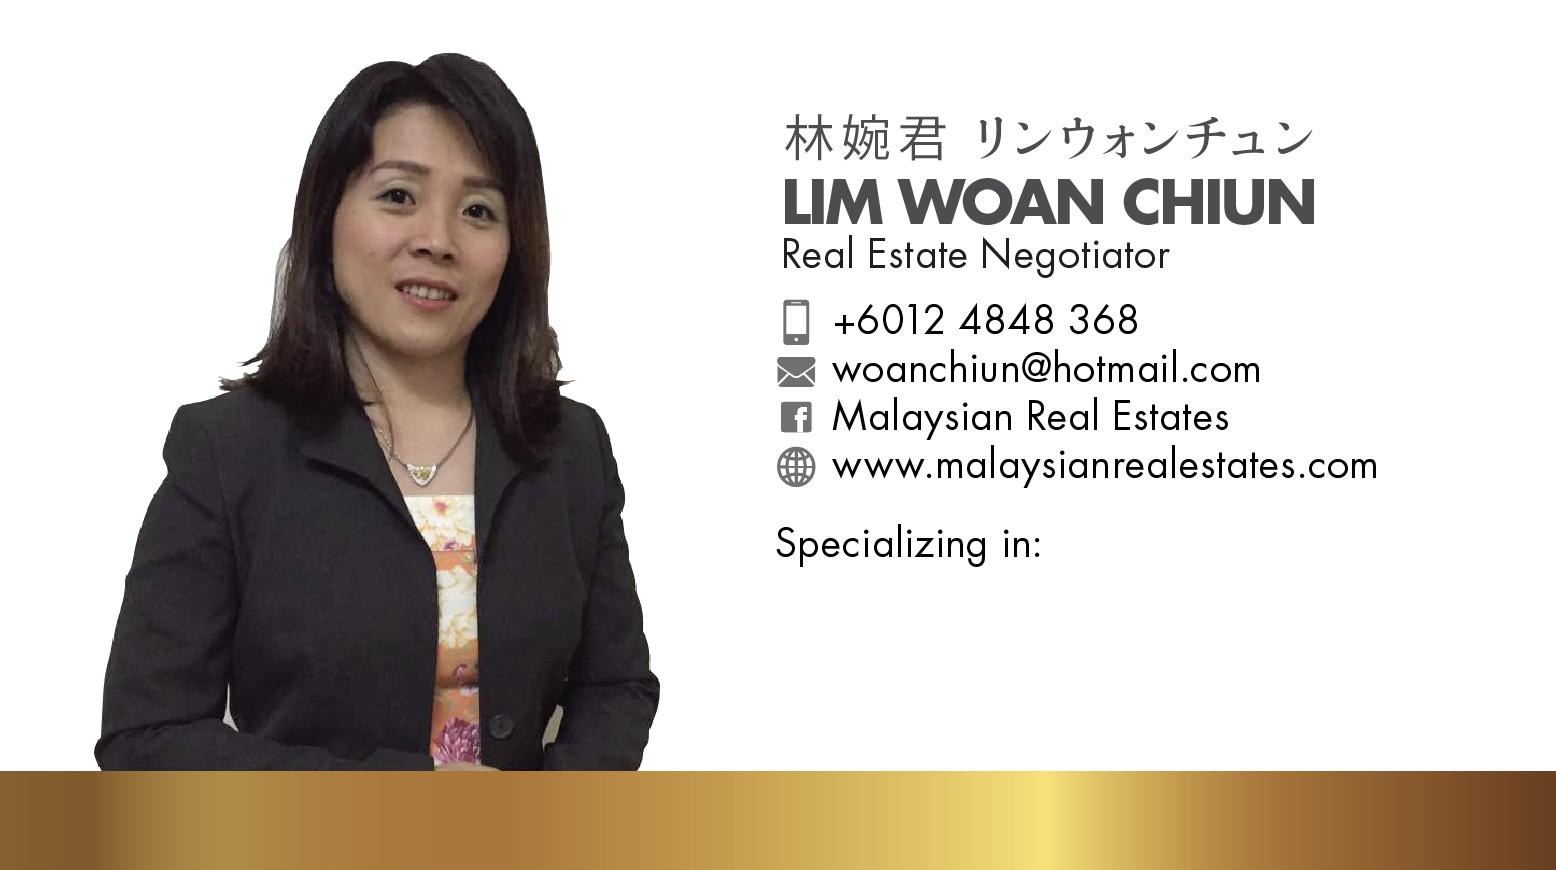 Lim Woan Chiun